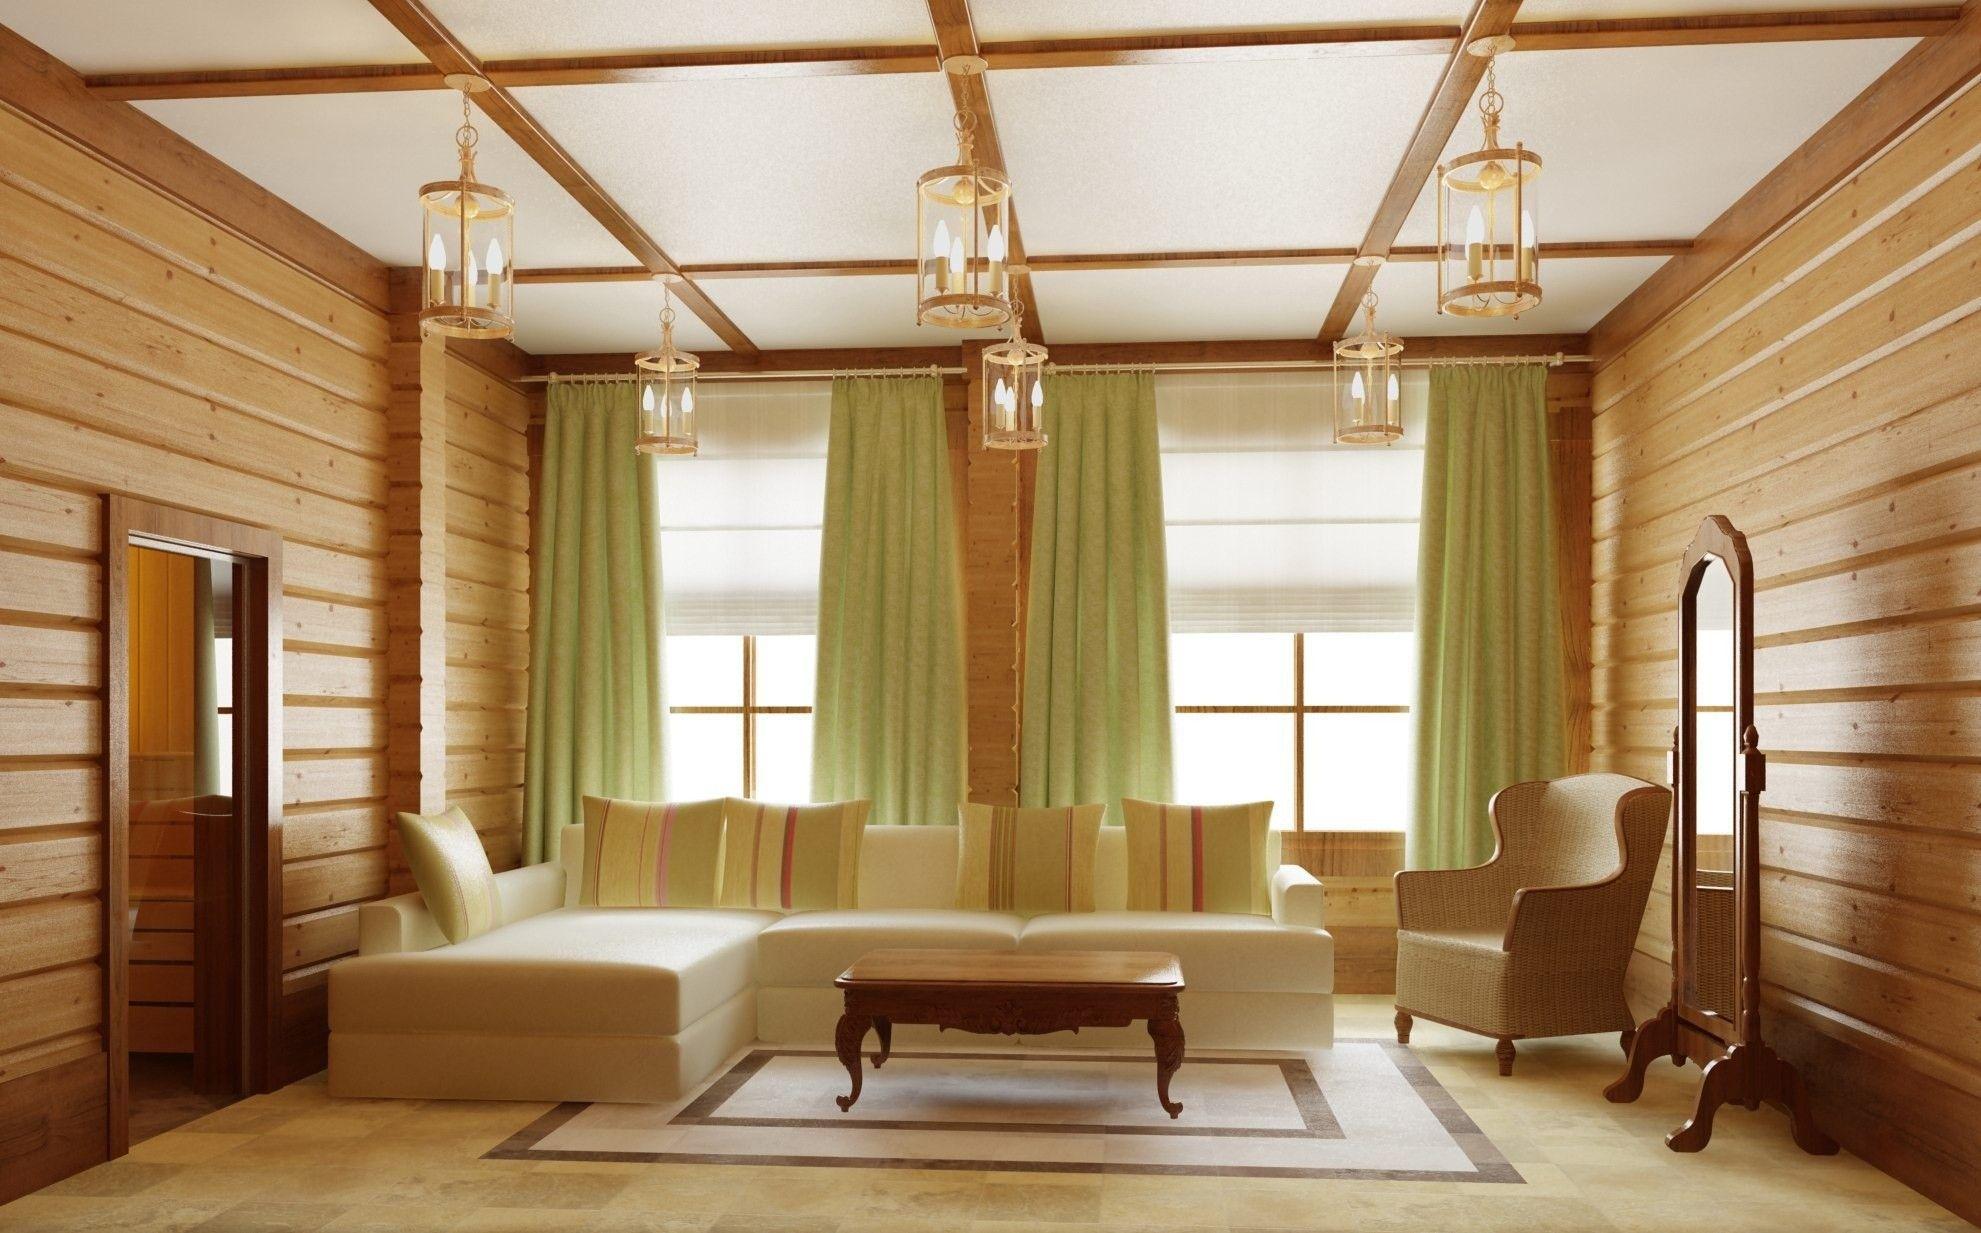 интерьер деревянного дома гостиная